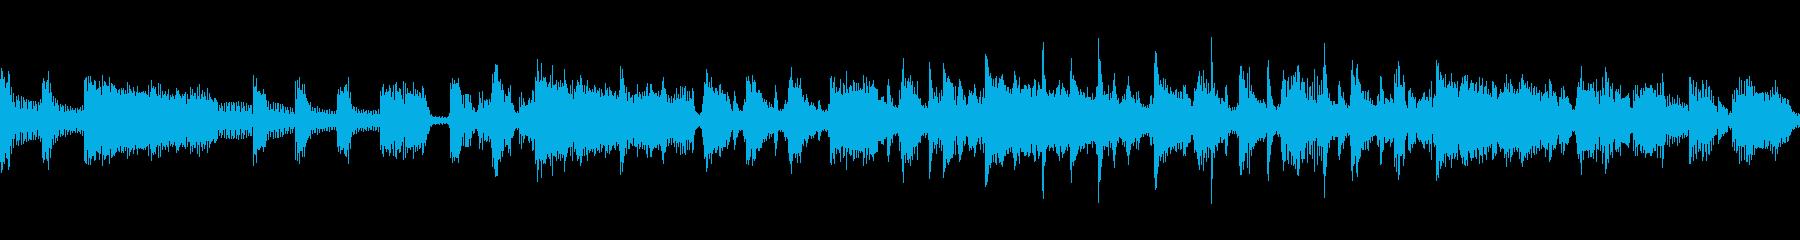 疾走感あるローデイング画面BGMの再生済みの波形